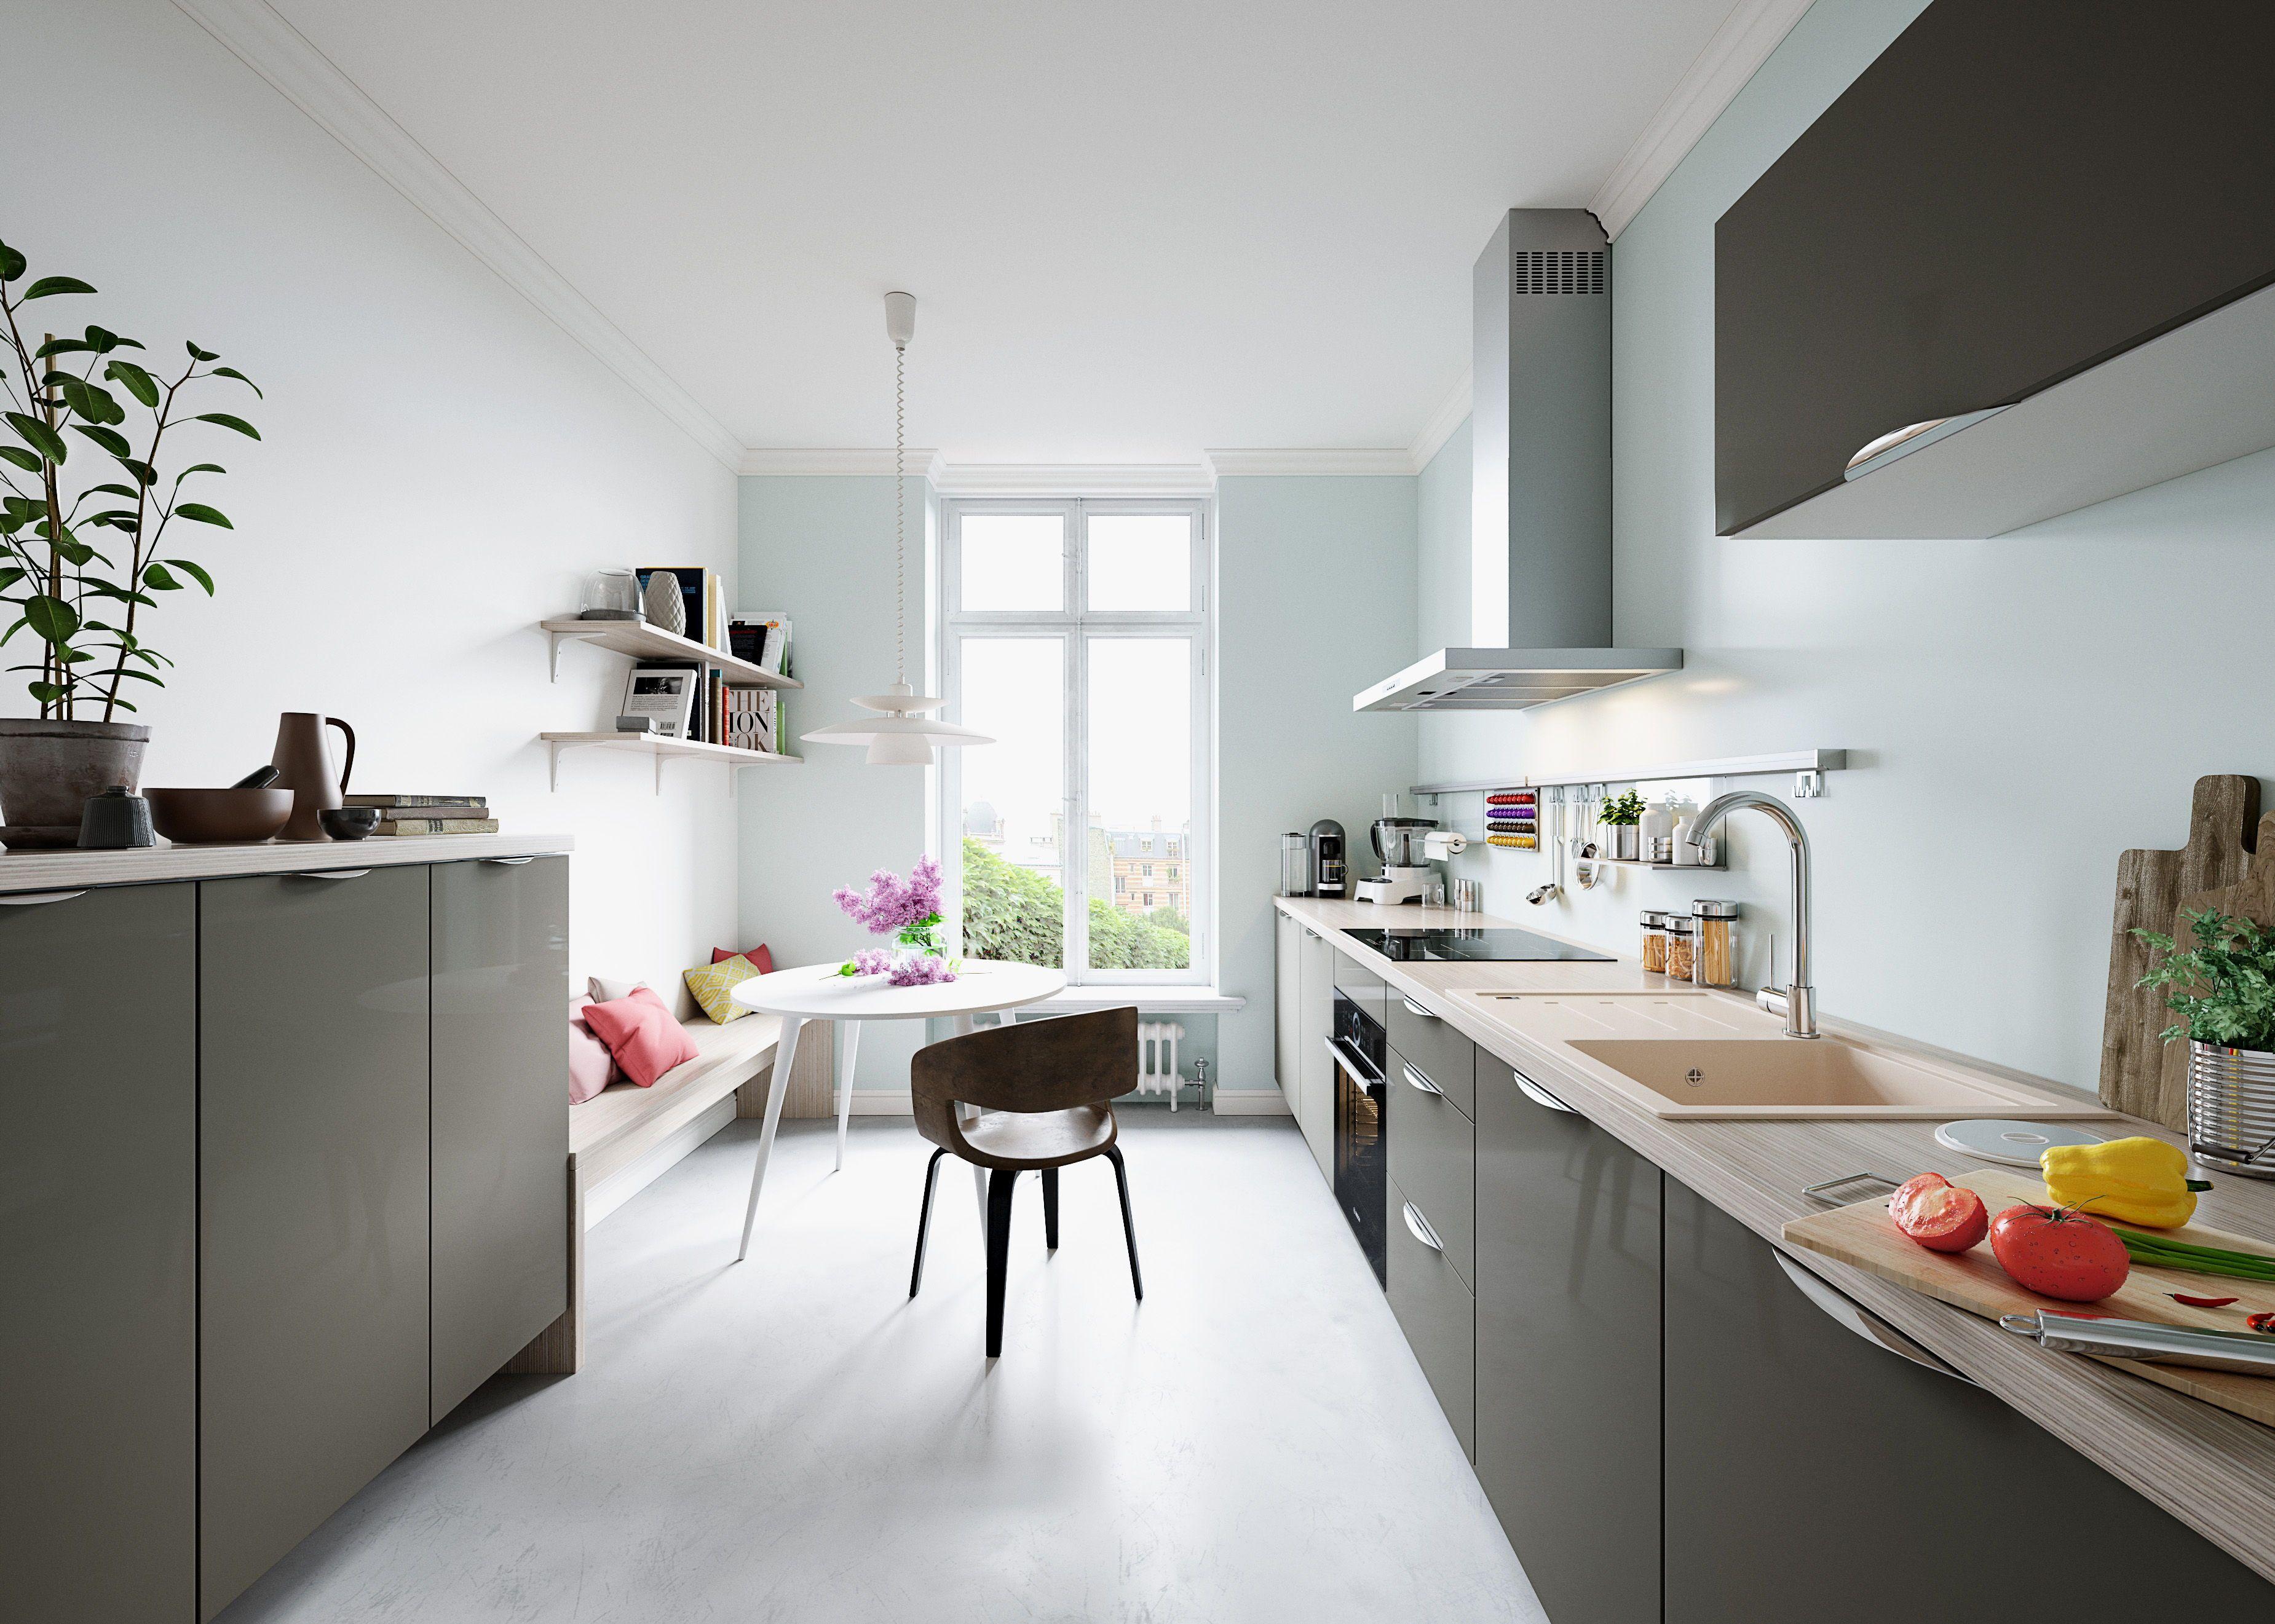 Cuisine Saga Chocolat But Food Inspiration Interieur Maison Deco Mobilier De Cuisine